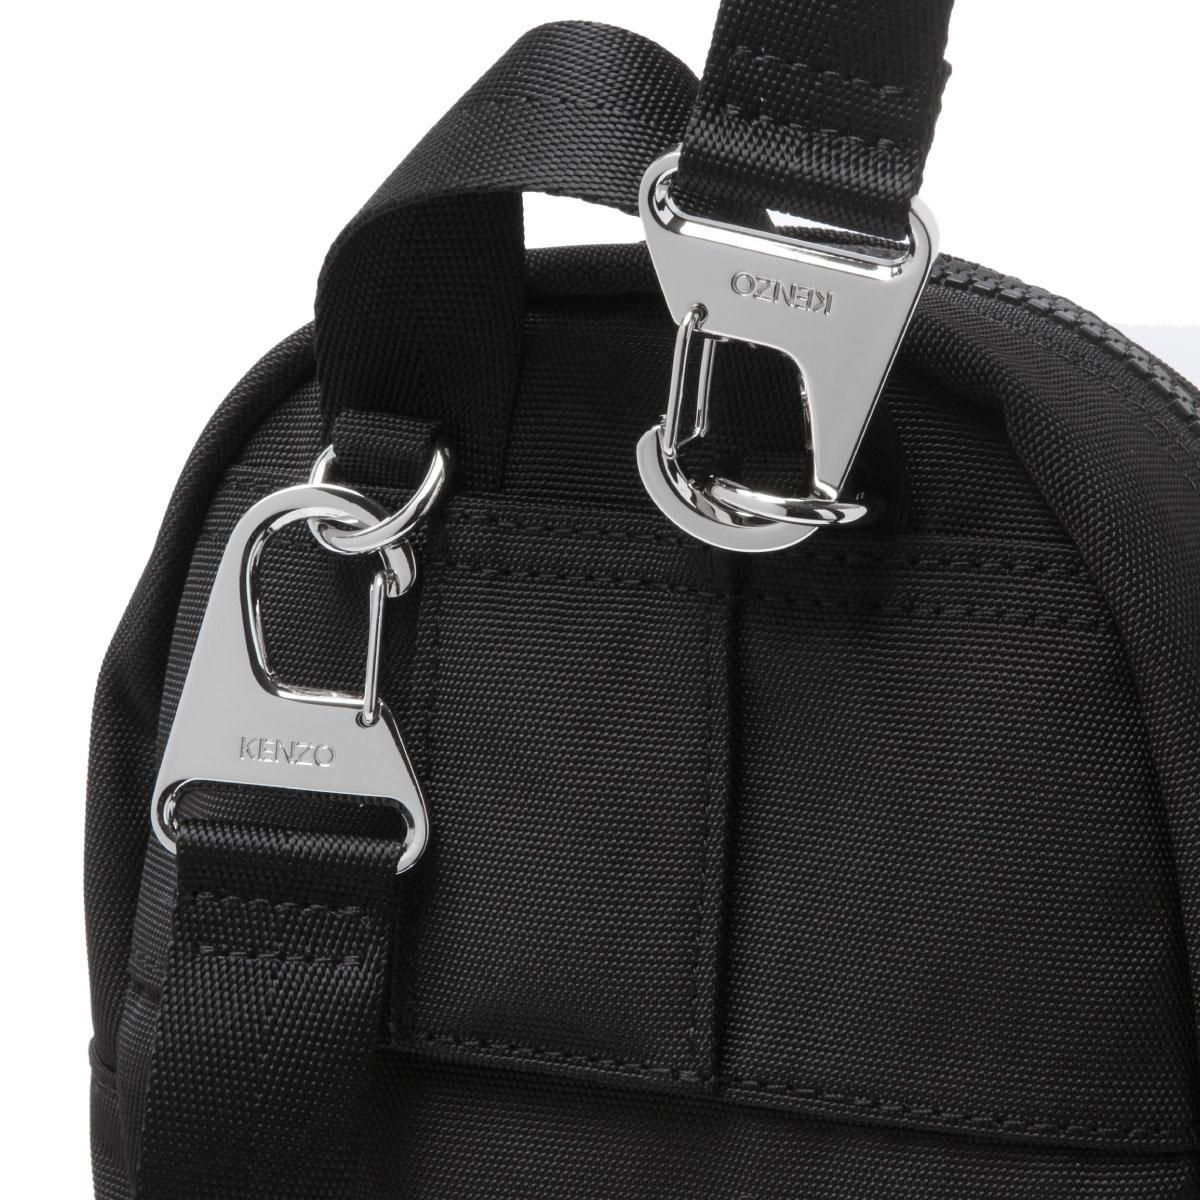 f6f0cdfc6ef ... Kenzo KENZO bag lady 5SF301F20 99 shoulder backpack mini-BLACK black  belonging to ...